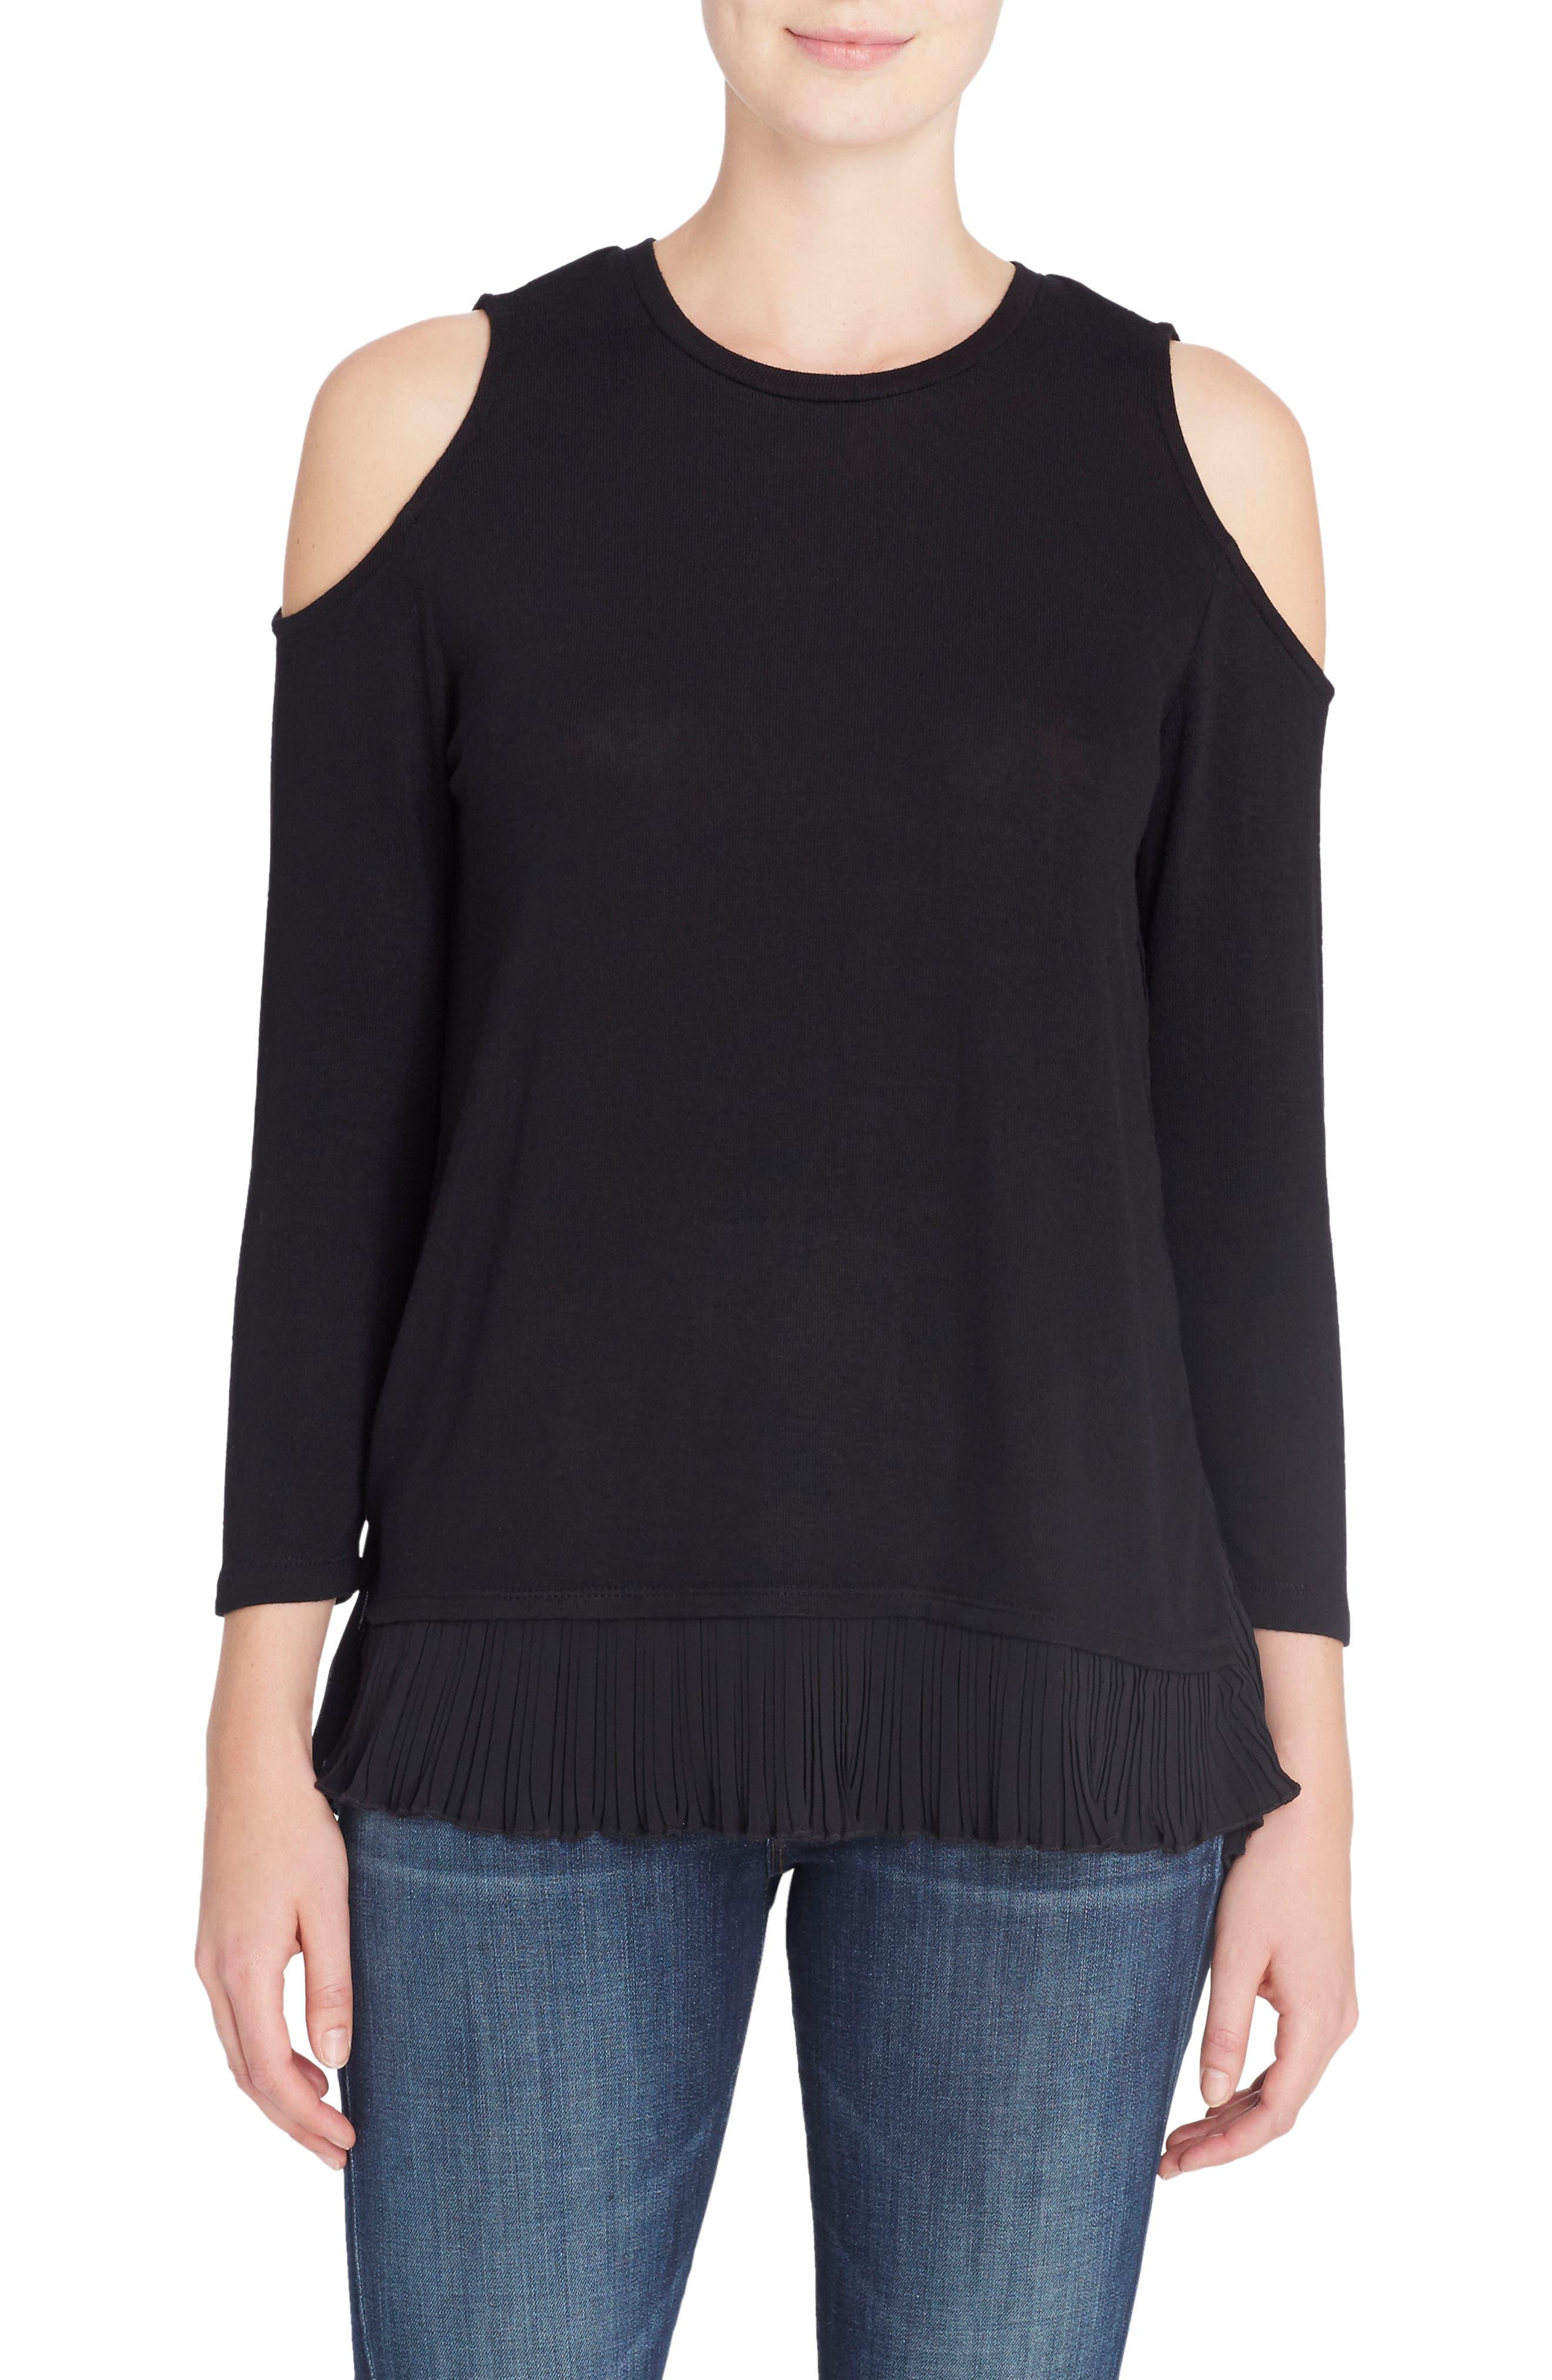 Linda Mixed Media Cold Shoulder Sweater,                             Main thumbnail 1, color,                             010